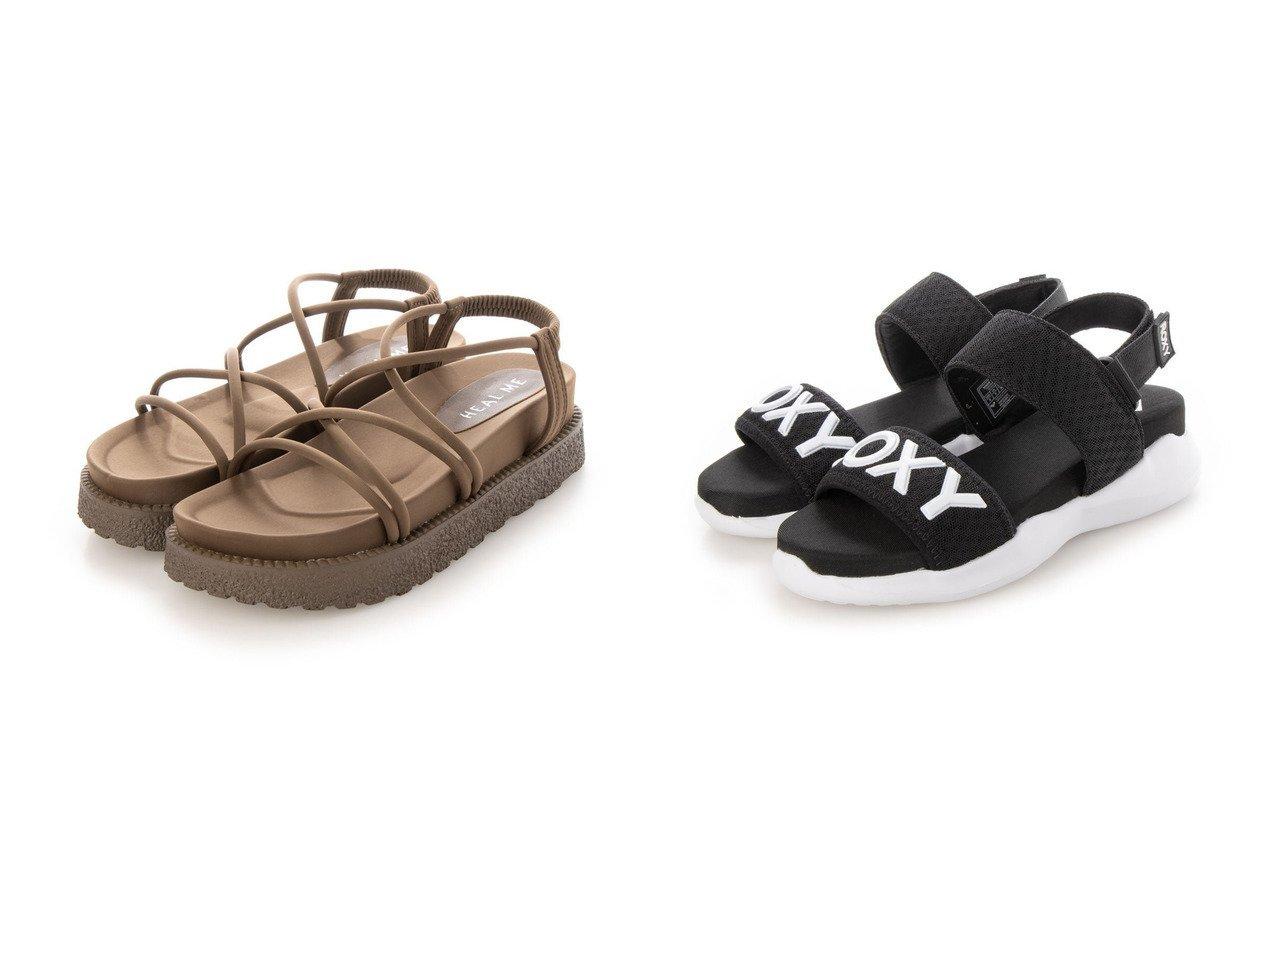 【ROXY/ロキシー】のロキシー RSD202500 サンダル&【HEAL ME/ヒールミー】のレディース 厚底ストラップサンダル 221222 【シューズ・靴】おすすめ!人気、トレンド・レディースファッションの通販 おすすめで人気の流行・トレンド、ファッションの通販商品 インテリア・家具・メンズファッション・キッズファッション・レディースファッション・服の通販 founy(ファニー) https://founy.com/ ファッション Fashion レディースファッション WOMEN 2021年 2021 2021春夏・S/S SS/Spring/Summer/2021 S/S・春夏 SS・Spring/Summer クッション サンダル スマート ダブル ビーチ フィット メッシュ 春 Spring 厚底 シャーリング ストラップサンダル トレンド ヌーディ フラット ラップ リゾート  ID:crp329100000045185